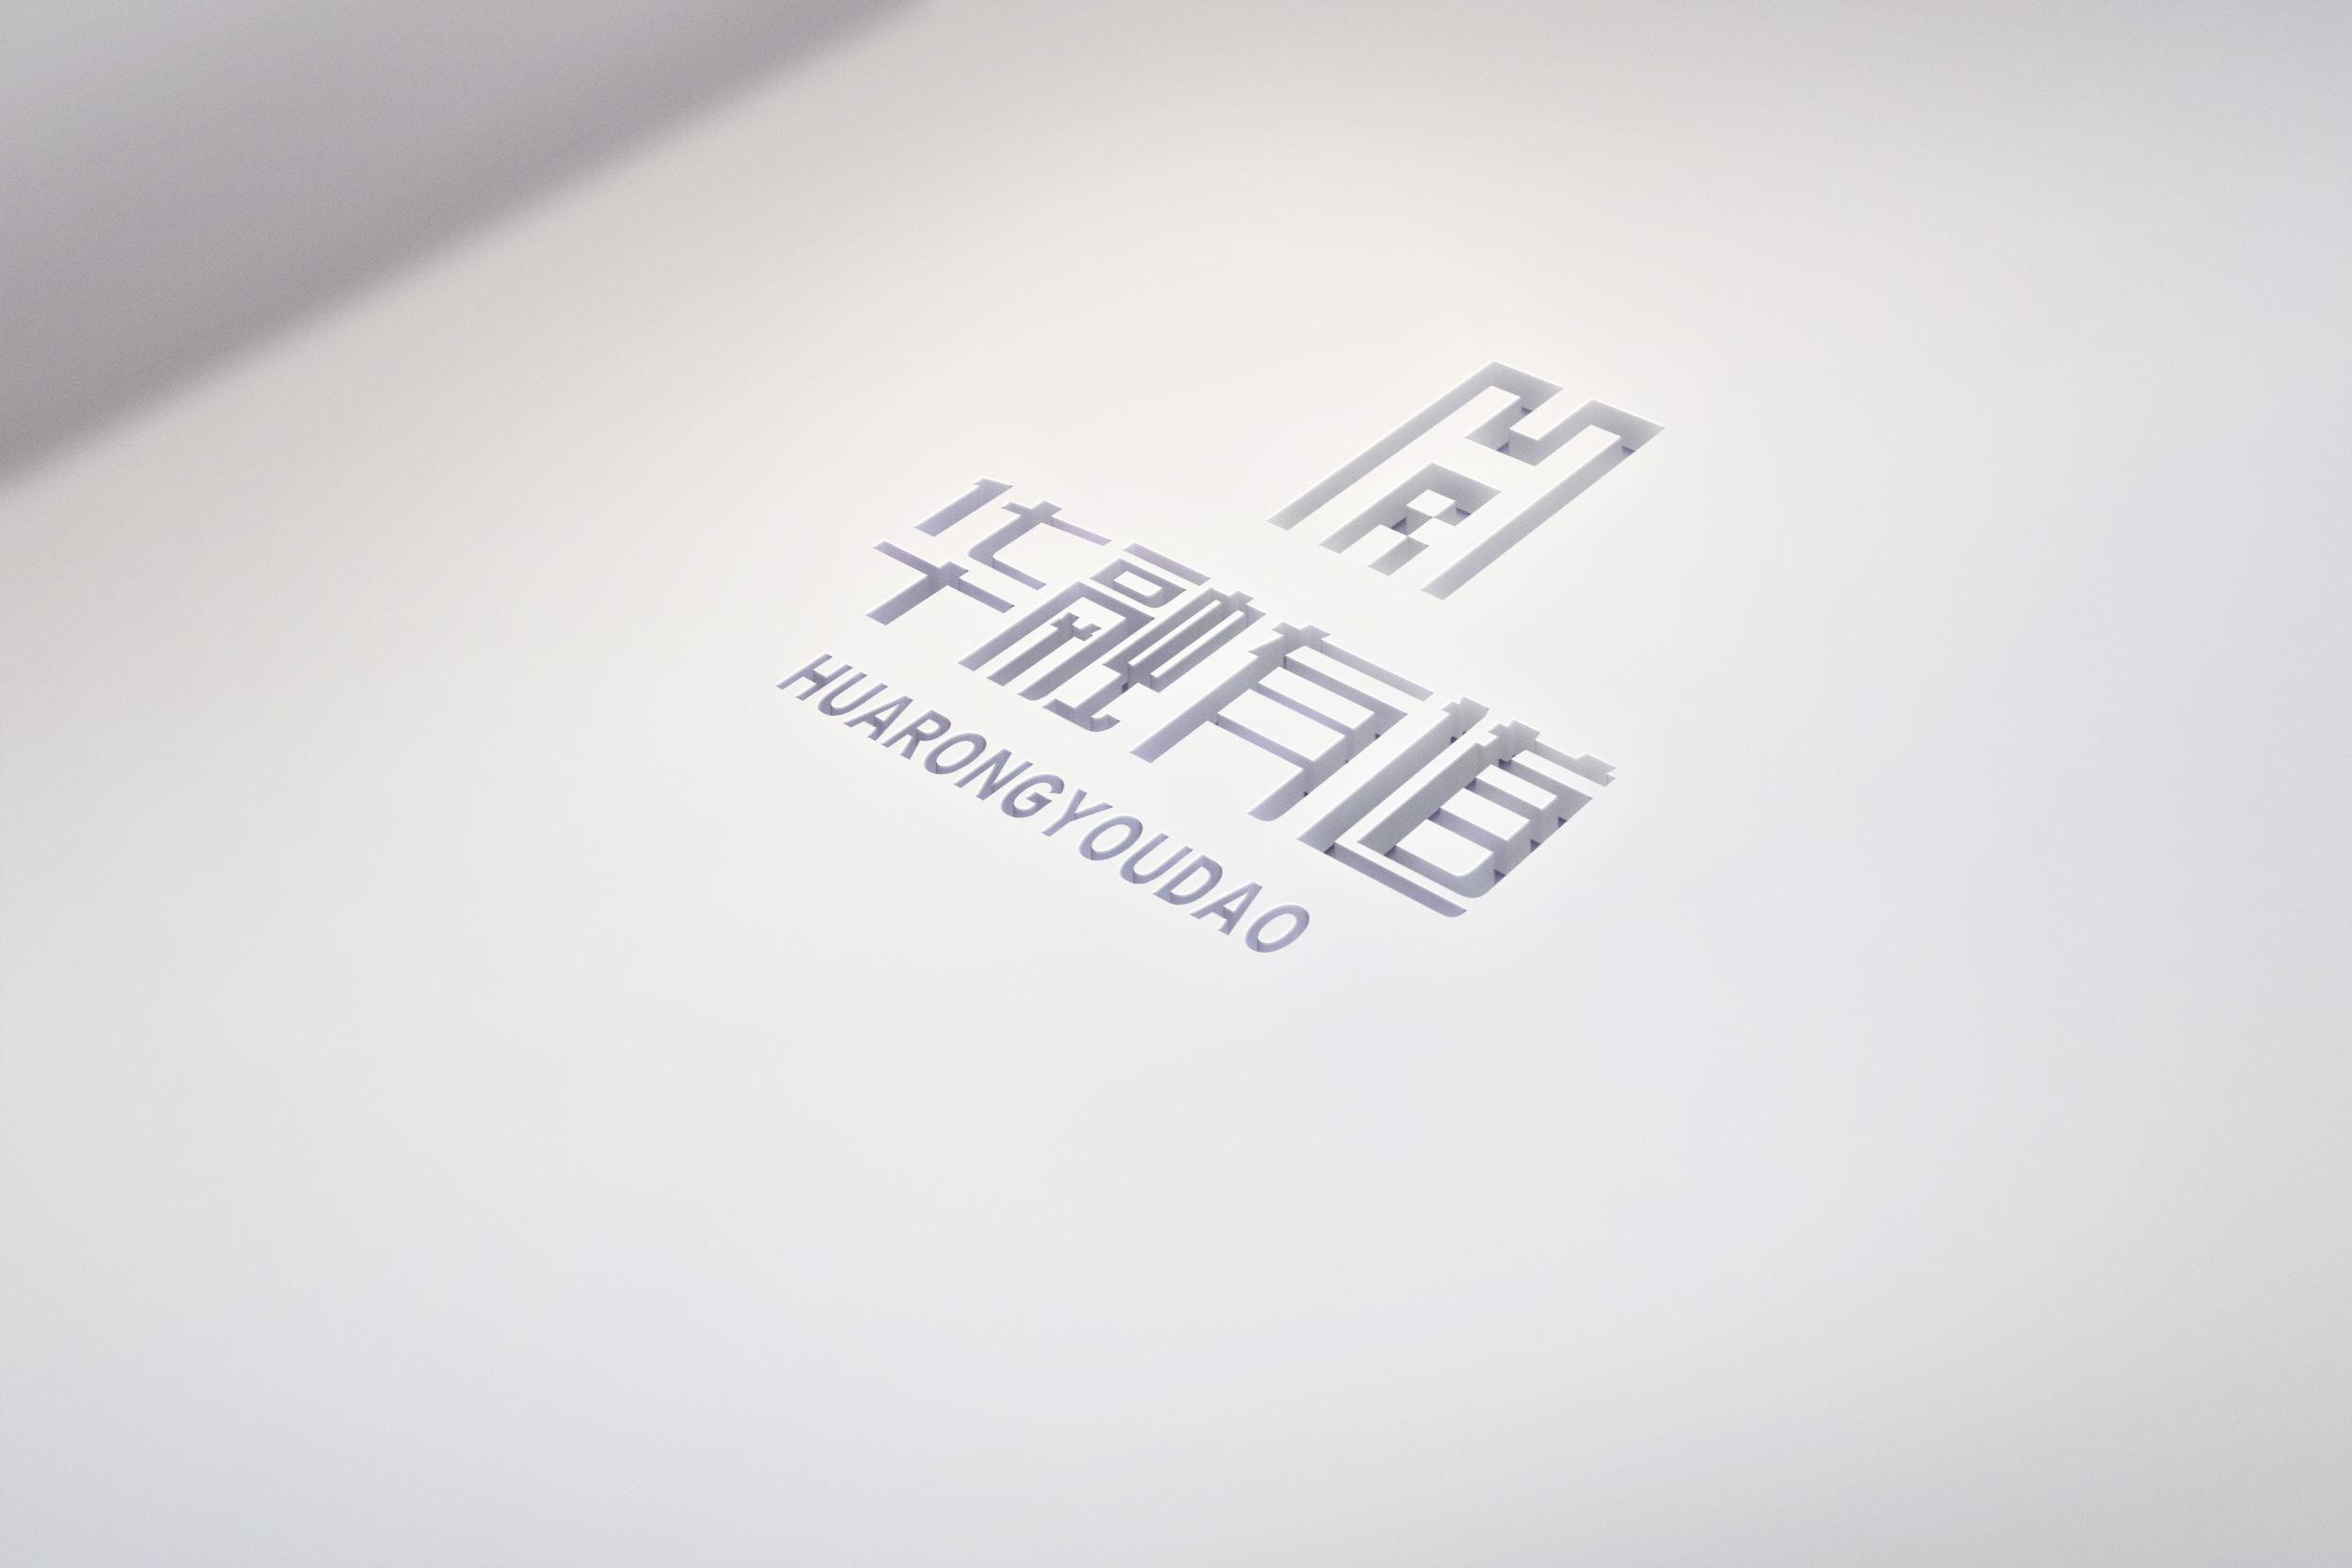 投资公司标志设计 飞特网 标志设计